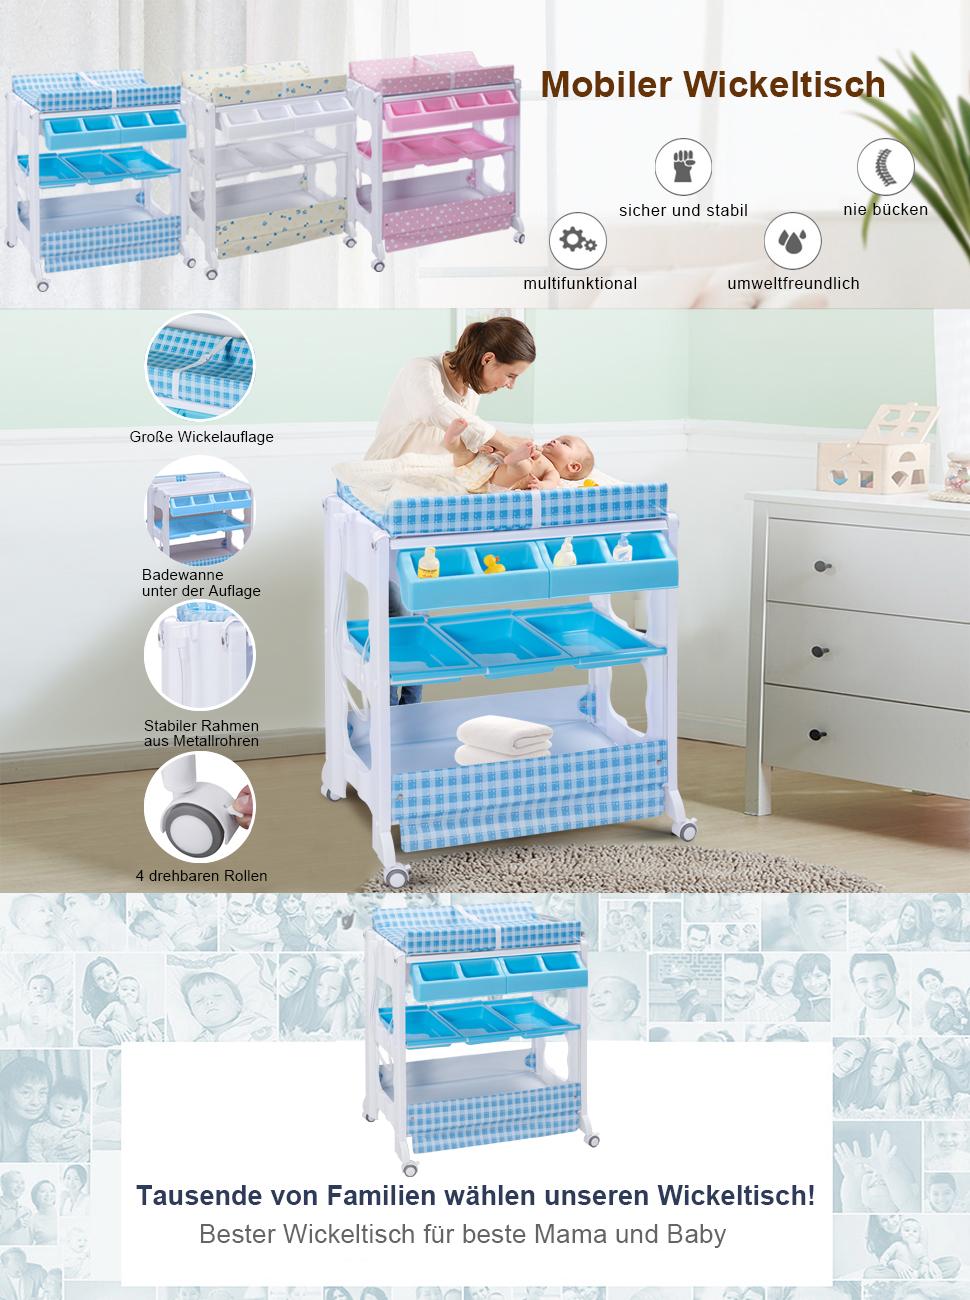 costway mobiler wickeltisch wickelkommode wickelauflage wickelkombination wickelregal baby. Black Bedroom Furniture Sets. Home Design Ideas